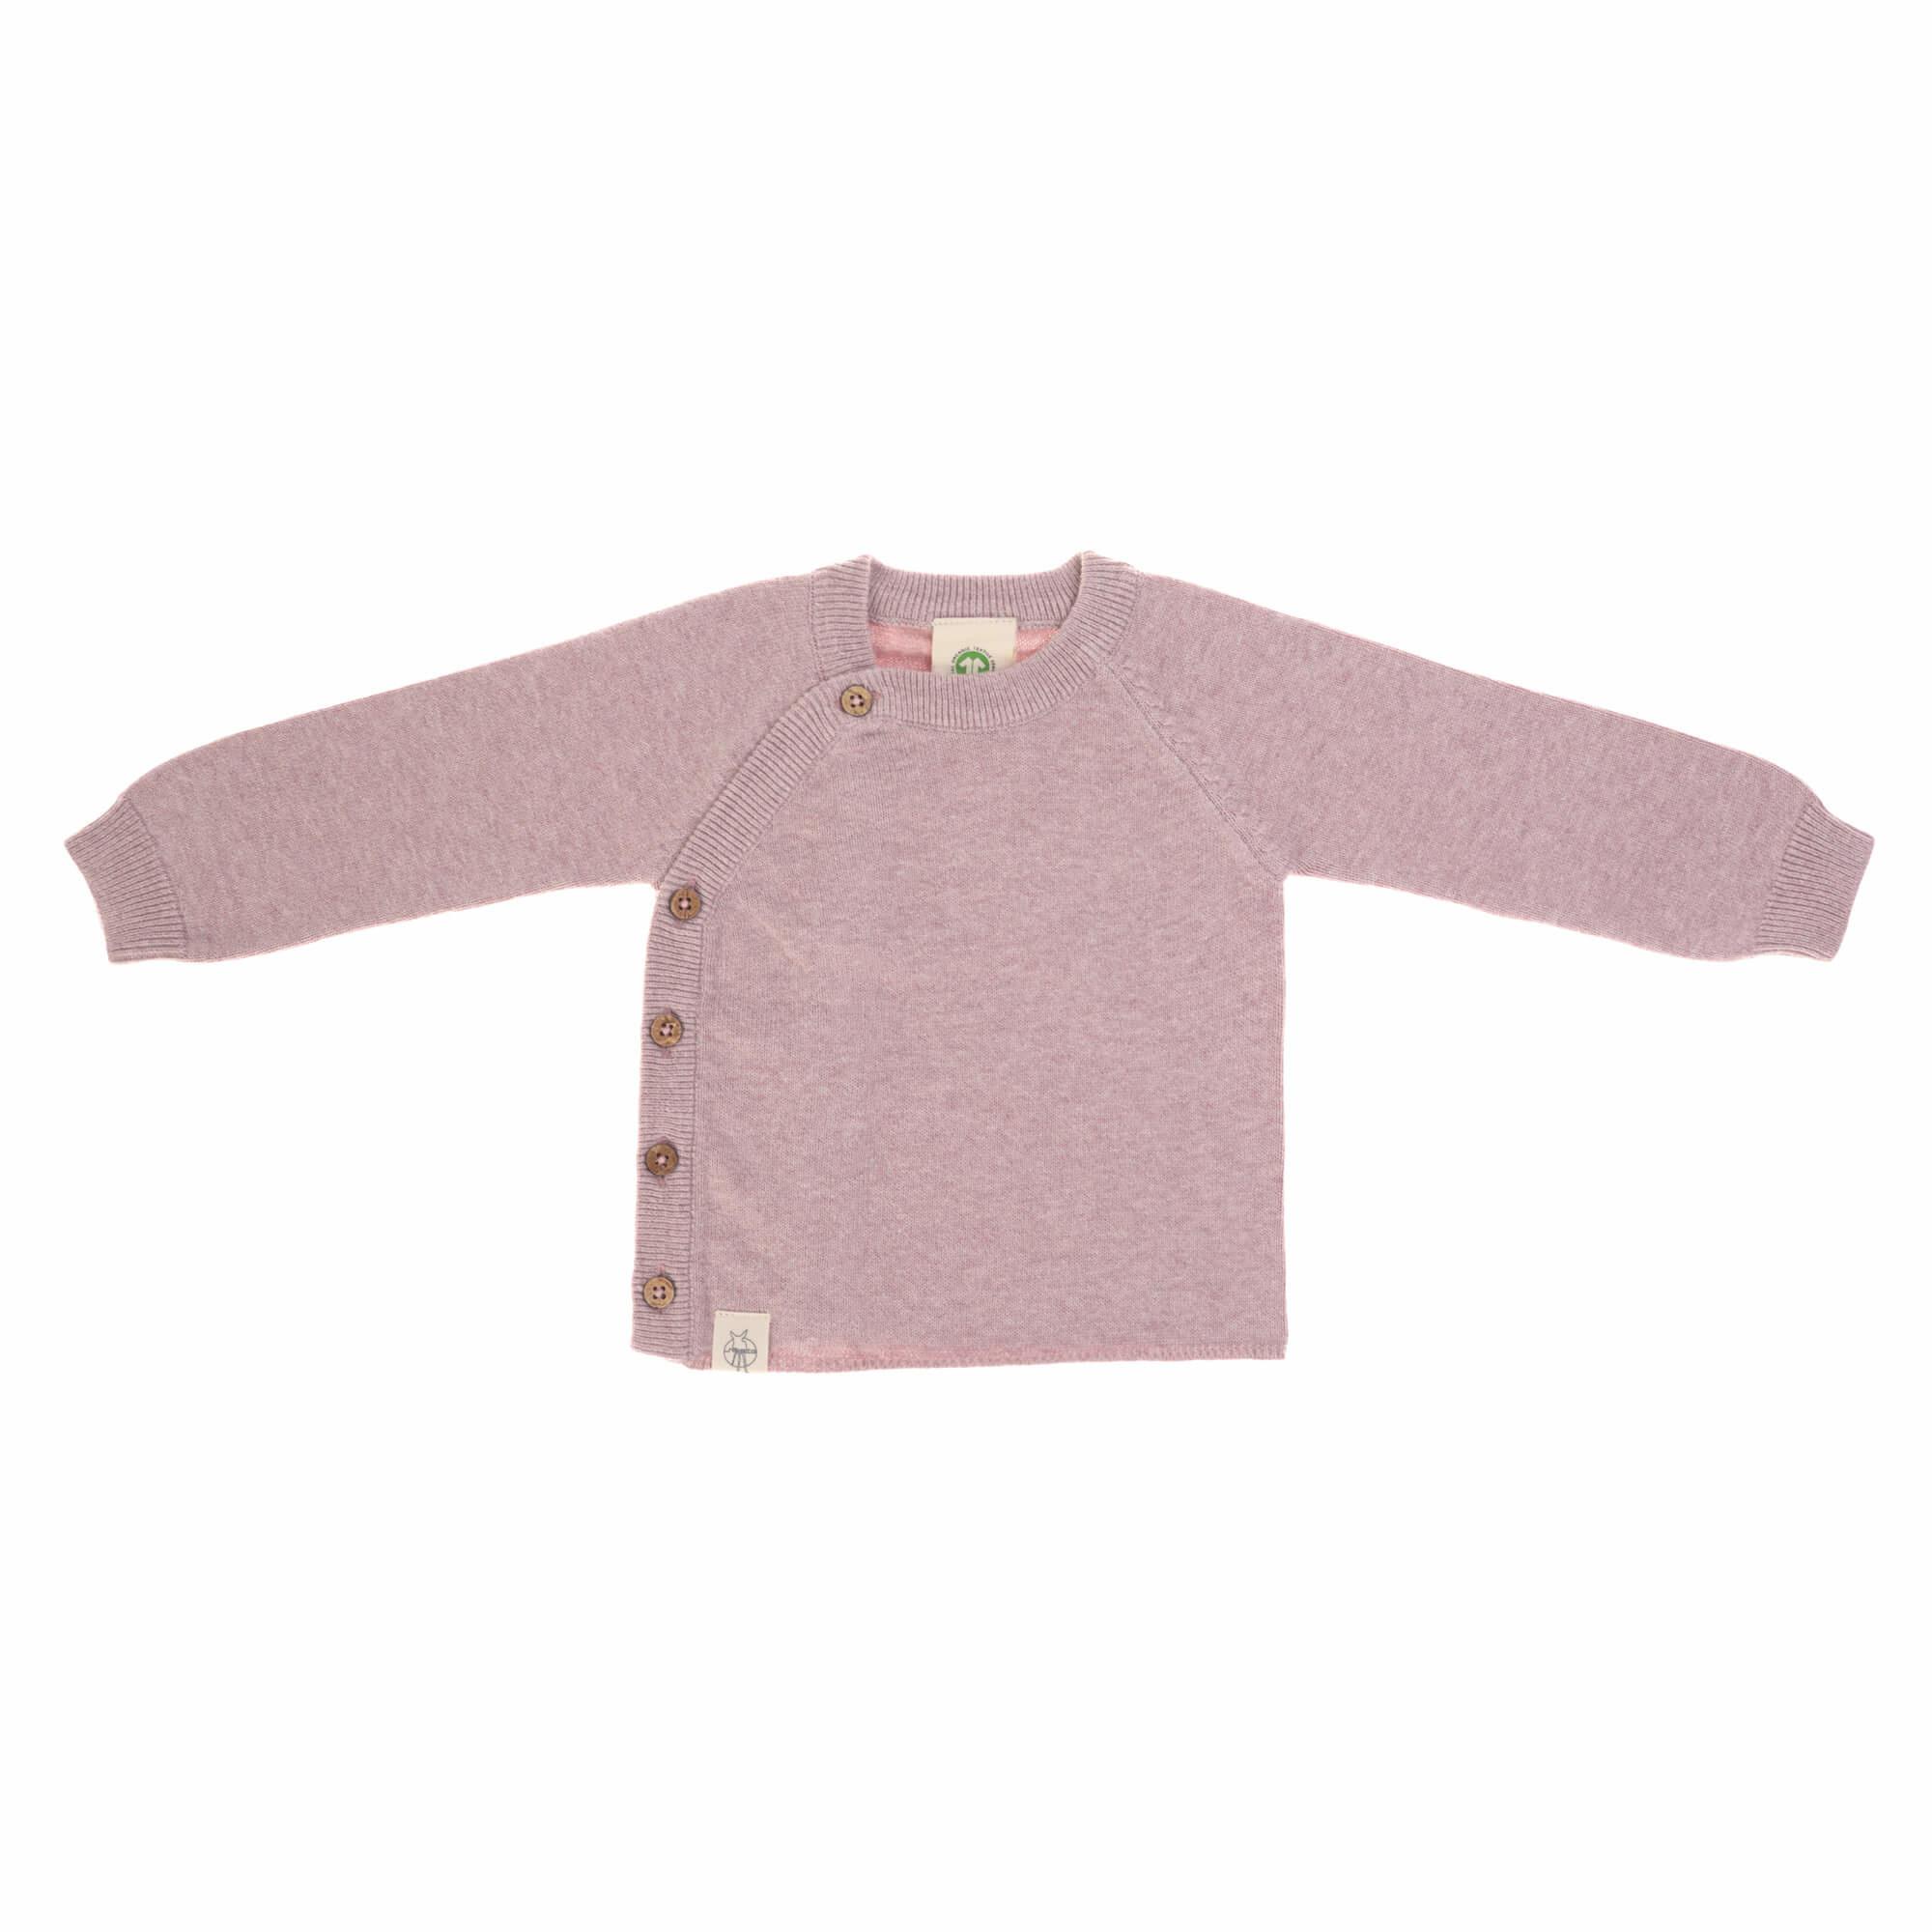 Lässig baby gebreide Kimono GOTS Garden Explorer light pink 62-68 2-6 mnd